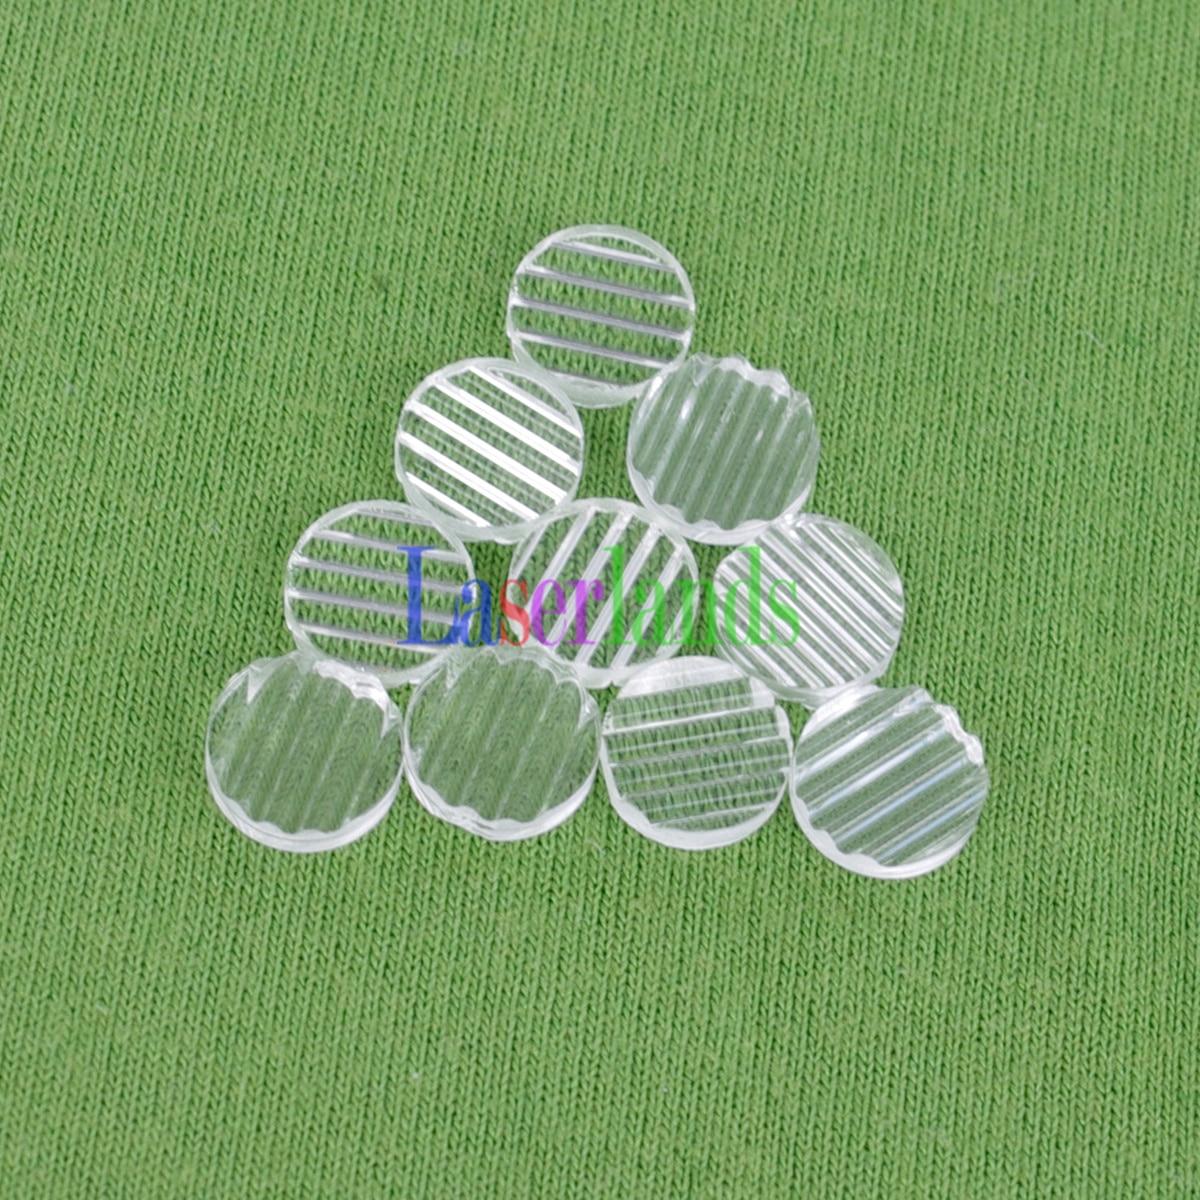 10pcs 5 20 36 45 60 90 110 130 160 Degree Laser Line Lens Generator For Diode Laser Line Module Colophony Plastic